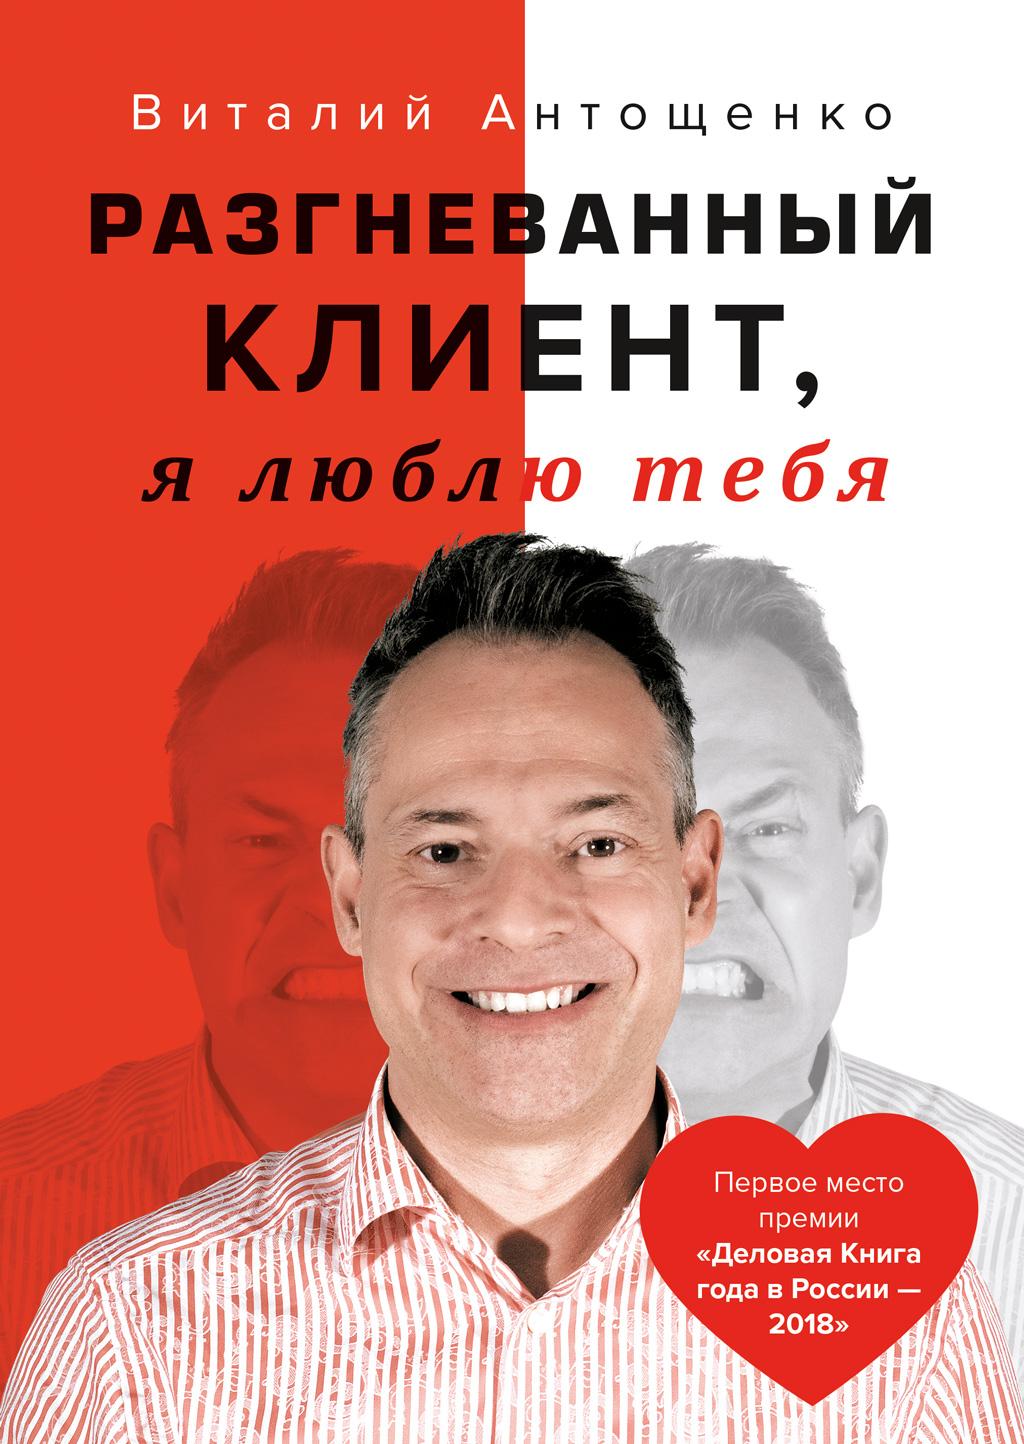 Обложка книги. Автор - Виталий Антощенко